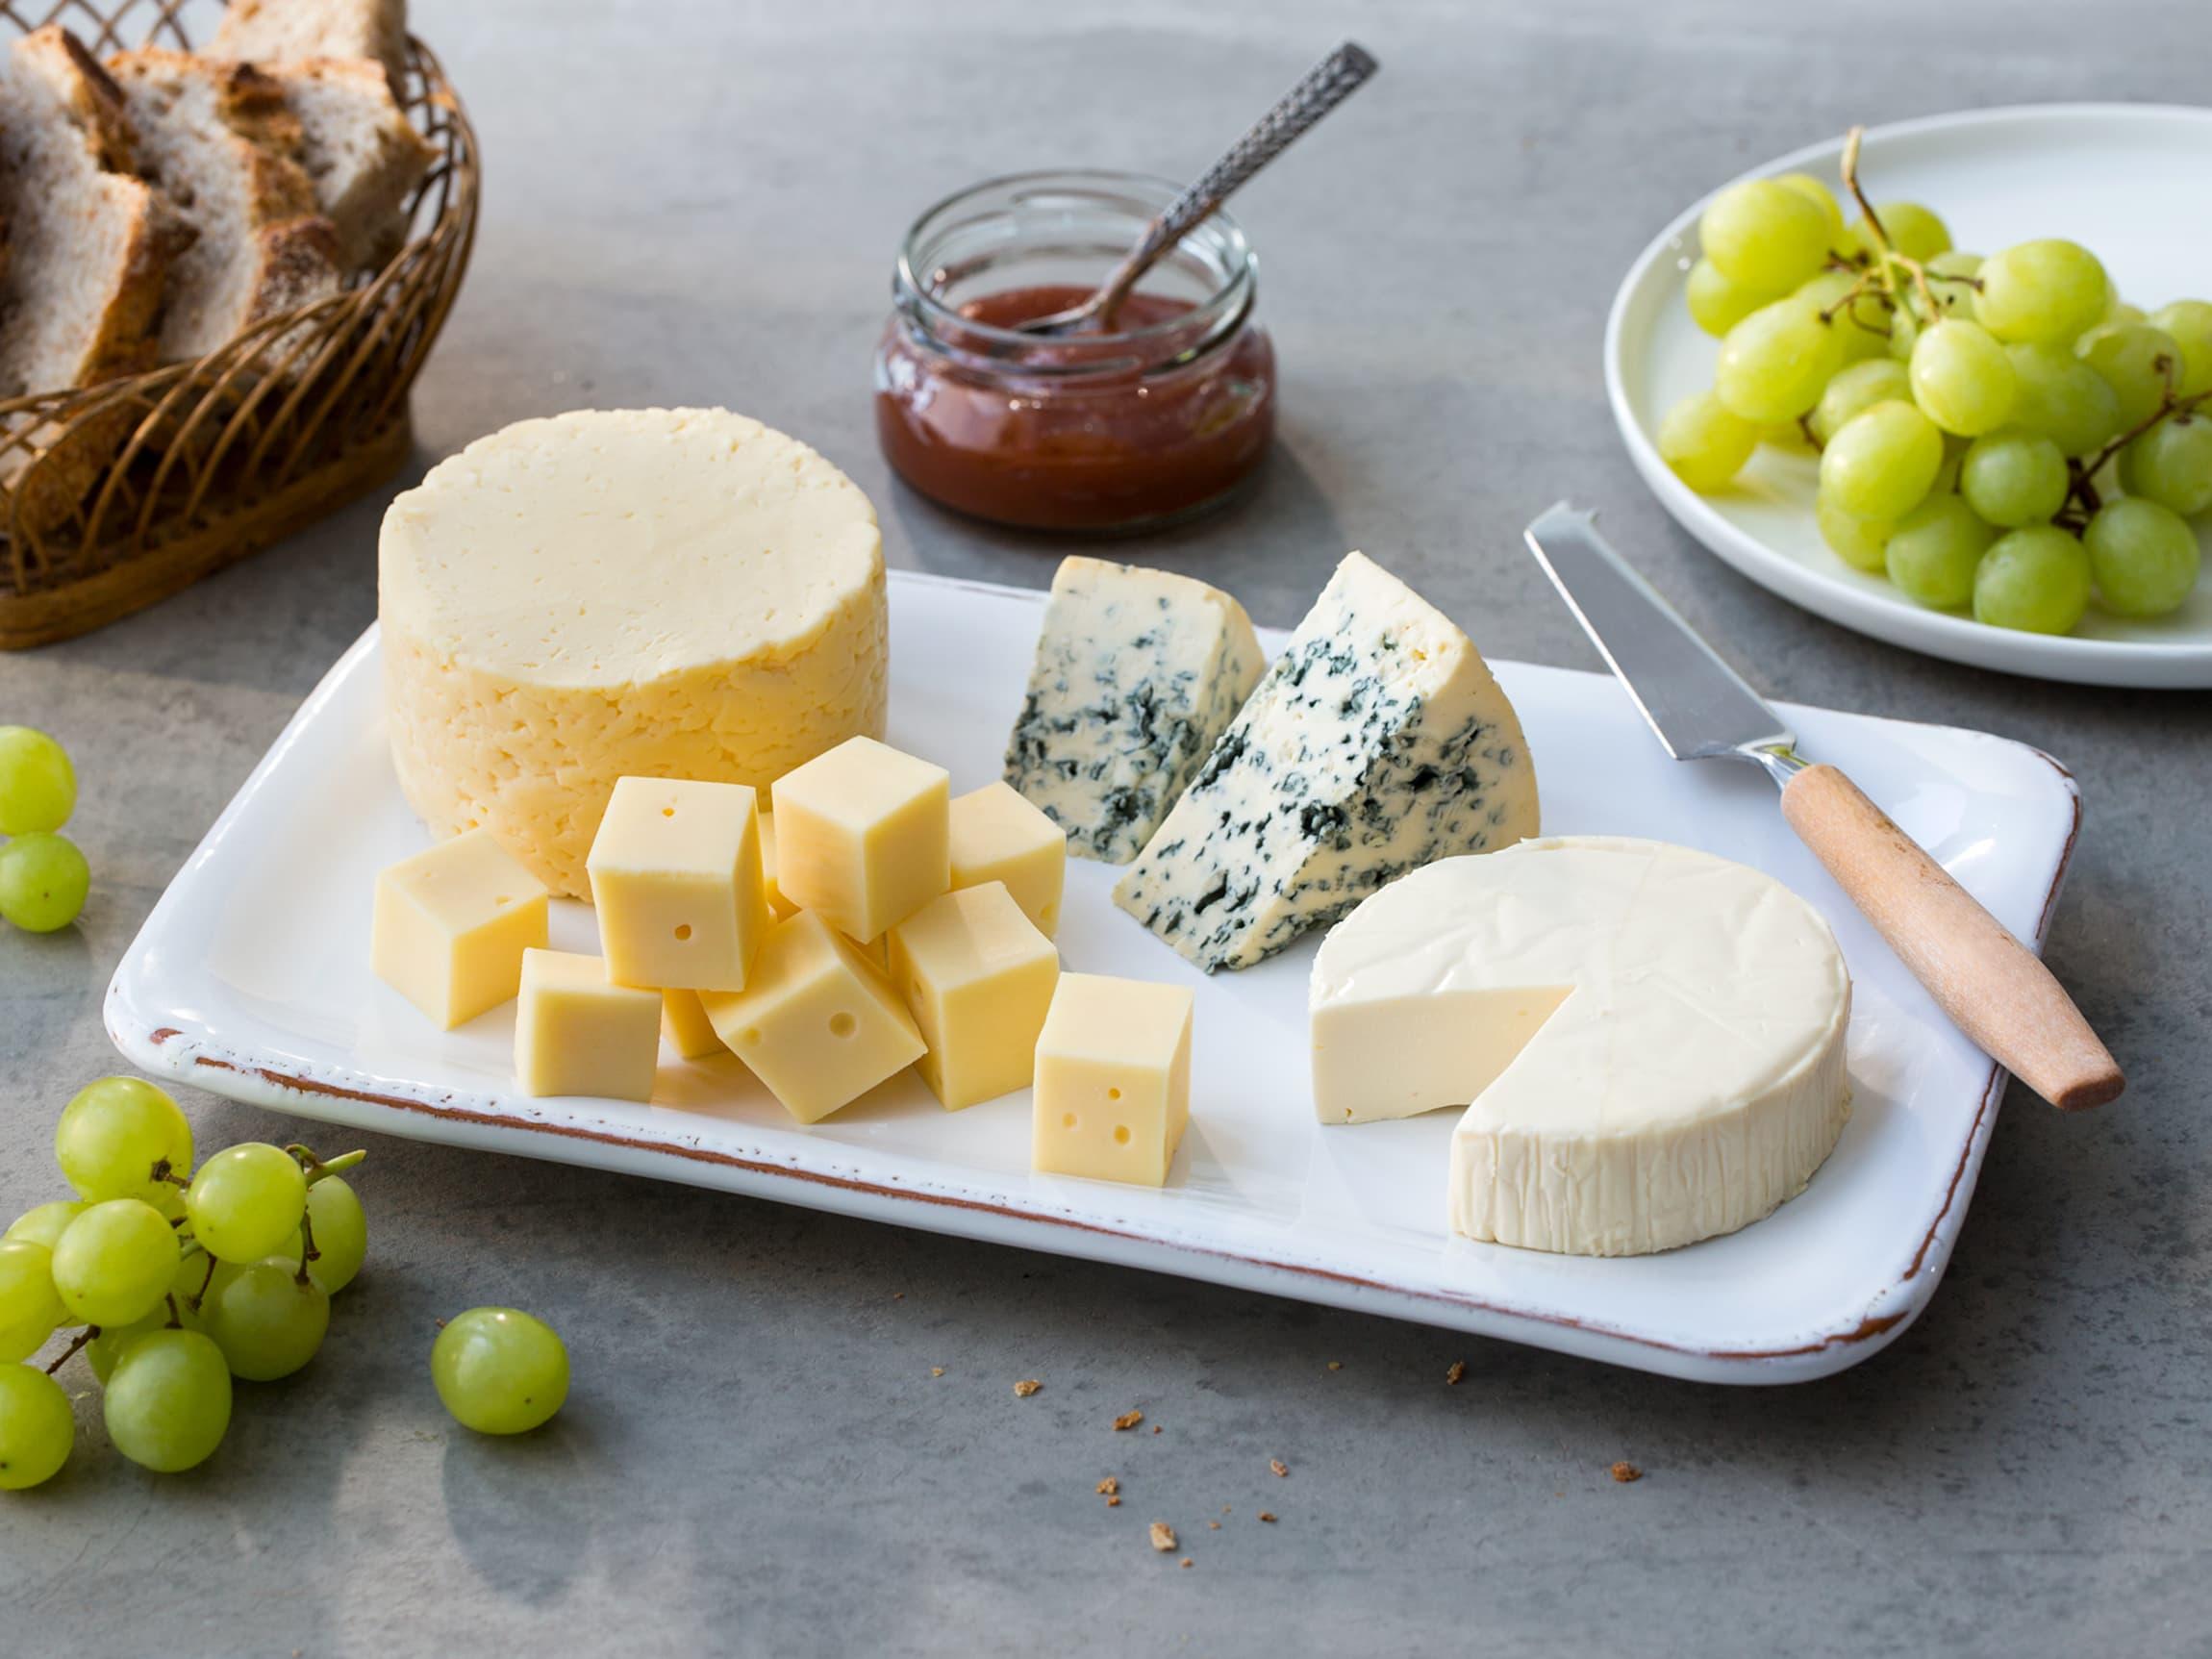 Et ostefat behøver ikke bestå av kraftige, skarpe oster. Hverdagsostene gjør det like bra på ostefatet!